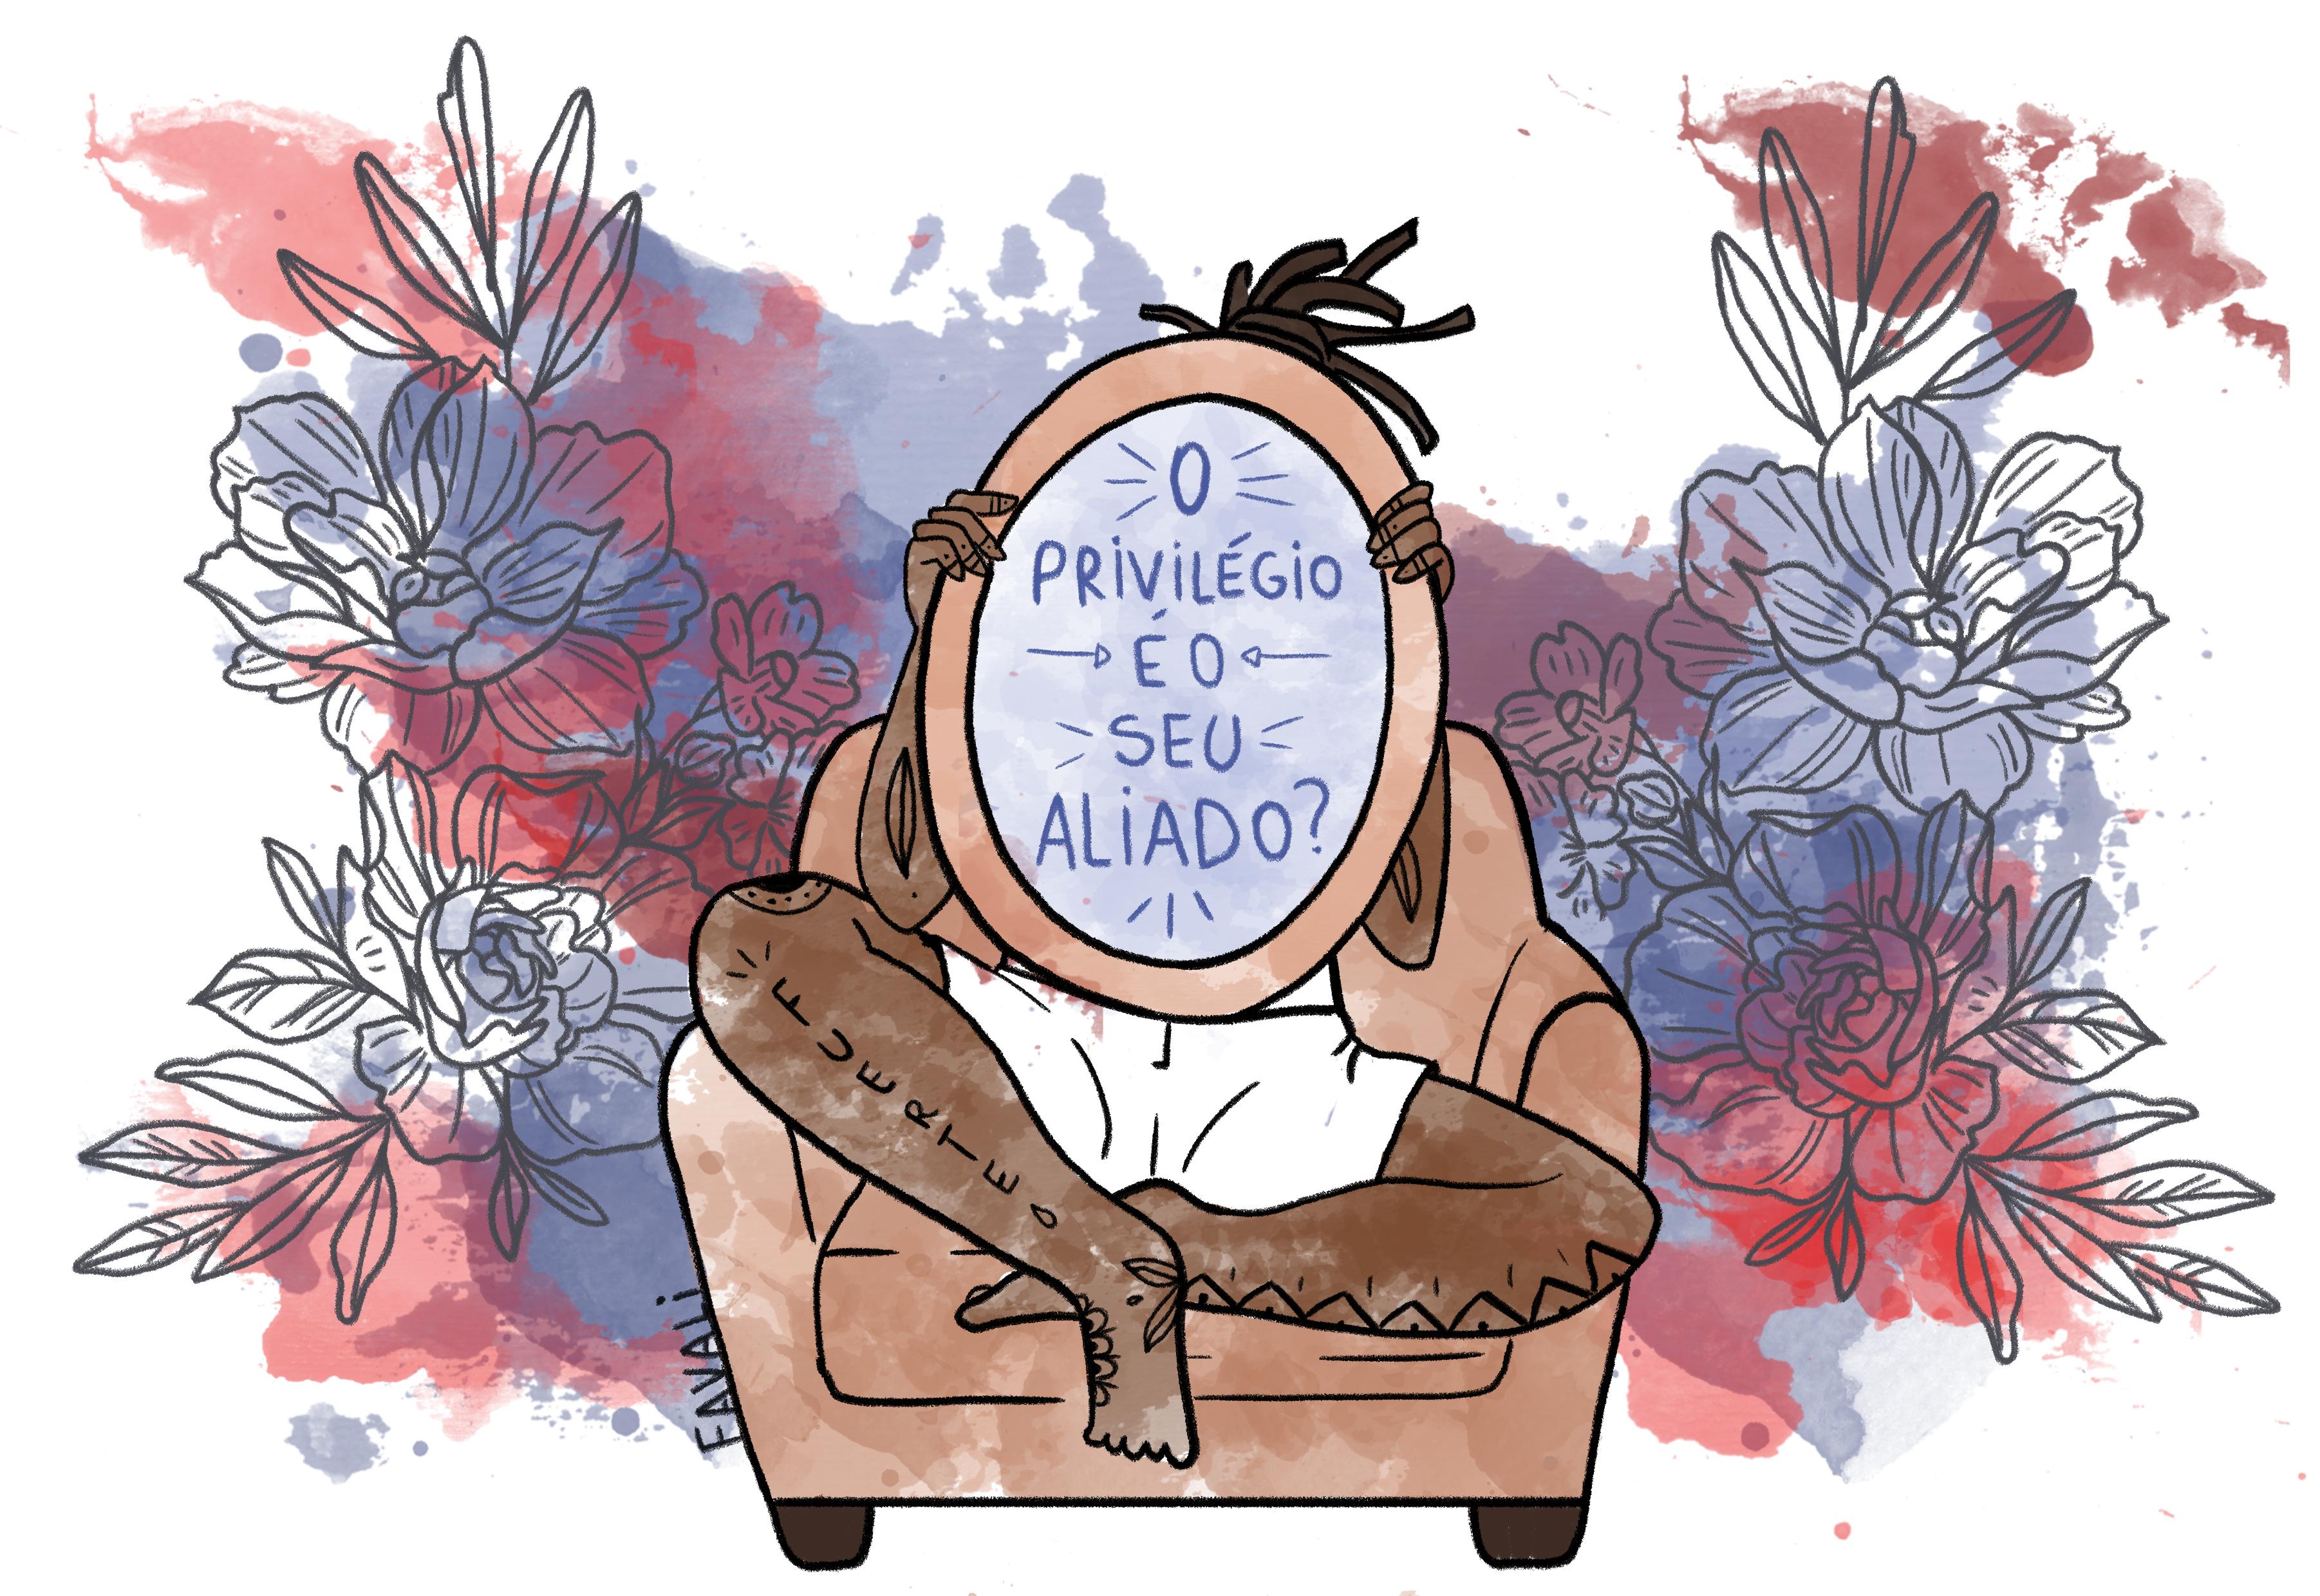 ilustrações Amanda Favali (@favali_)